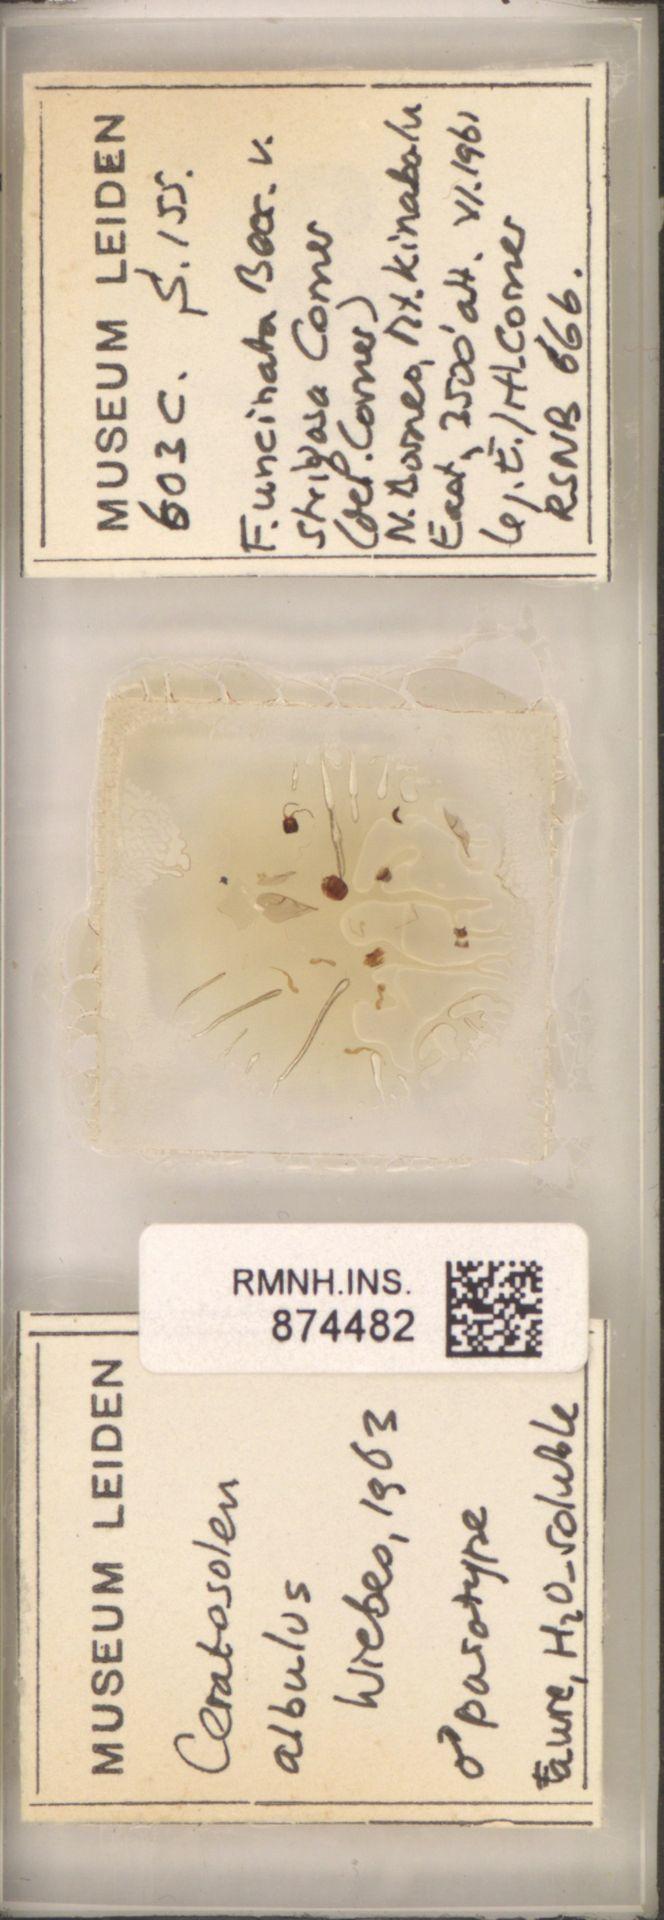 RMNH.INS.874482 | Ceratosolen albulus Wiebes, 1963